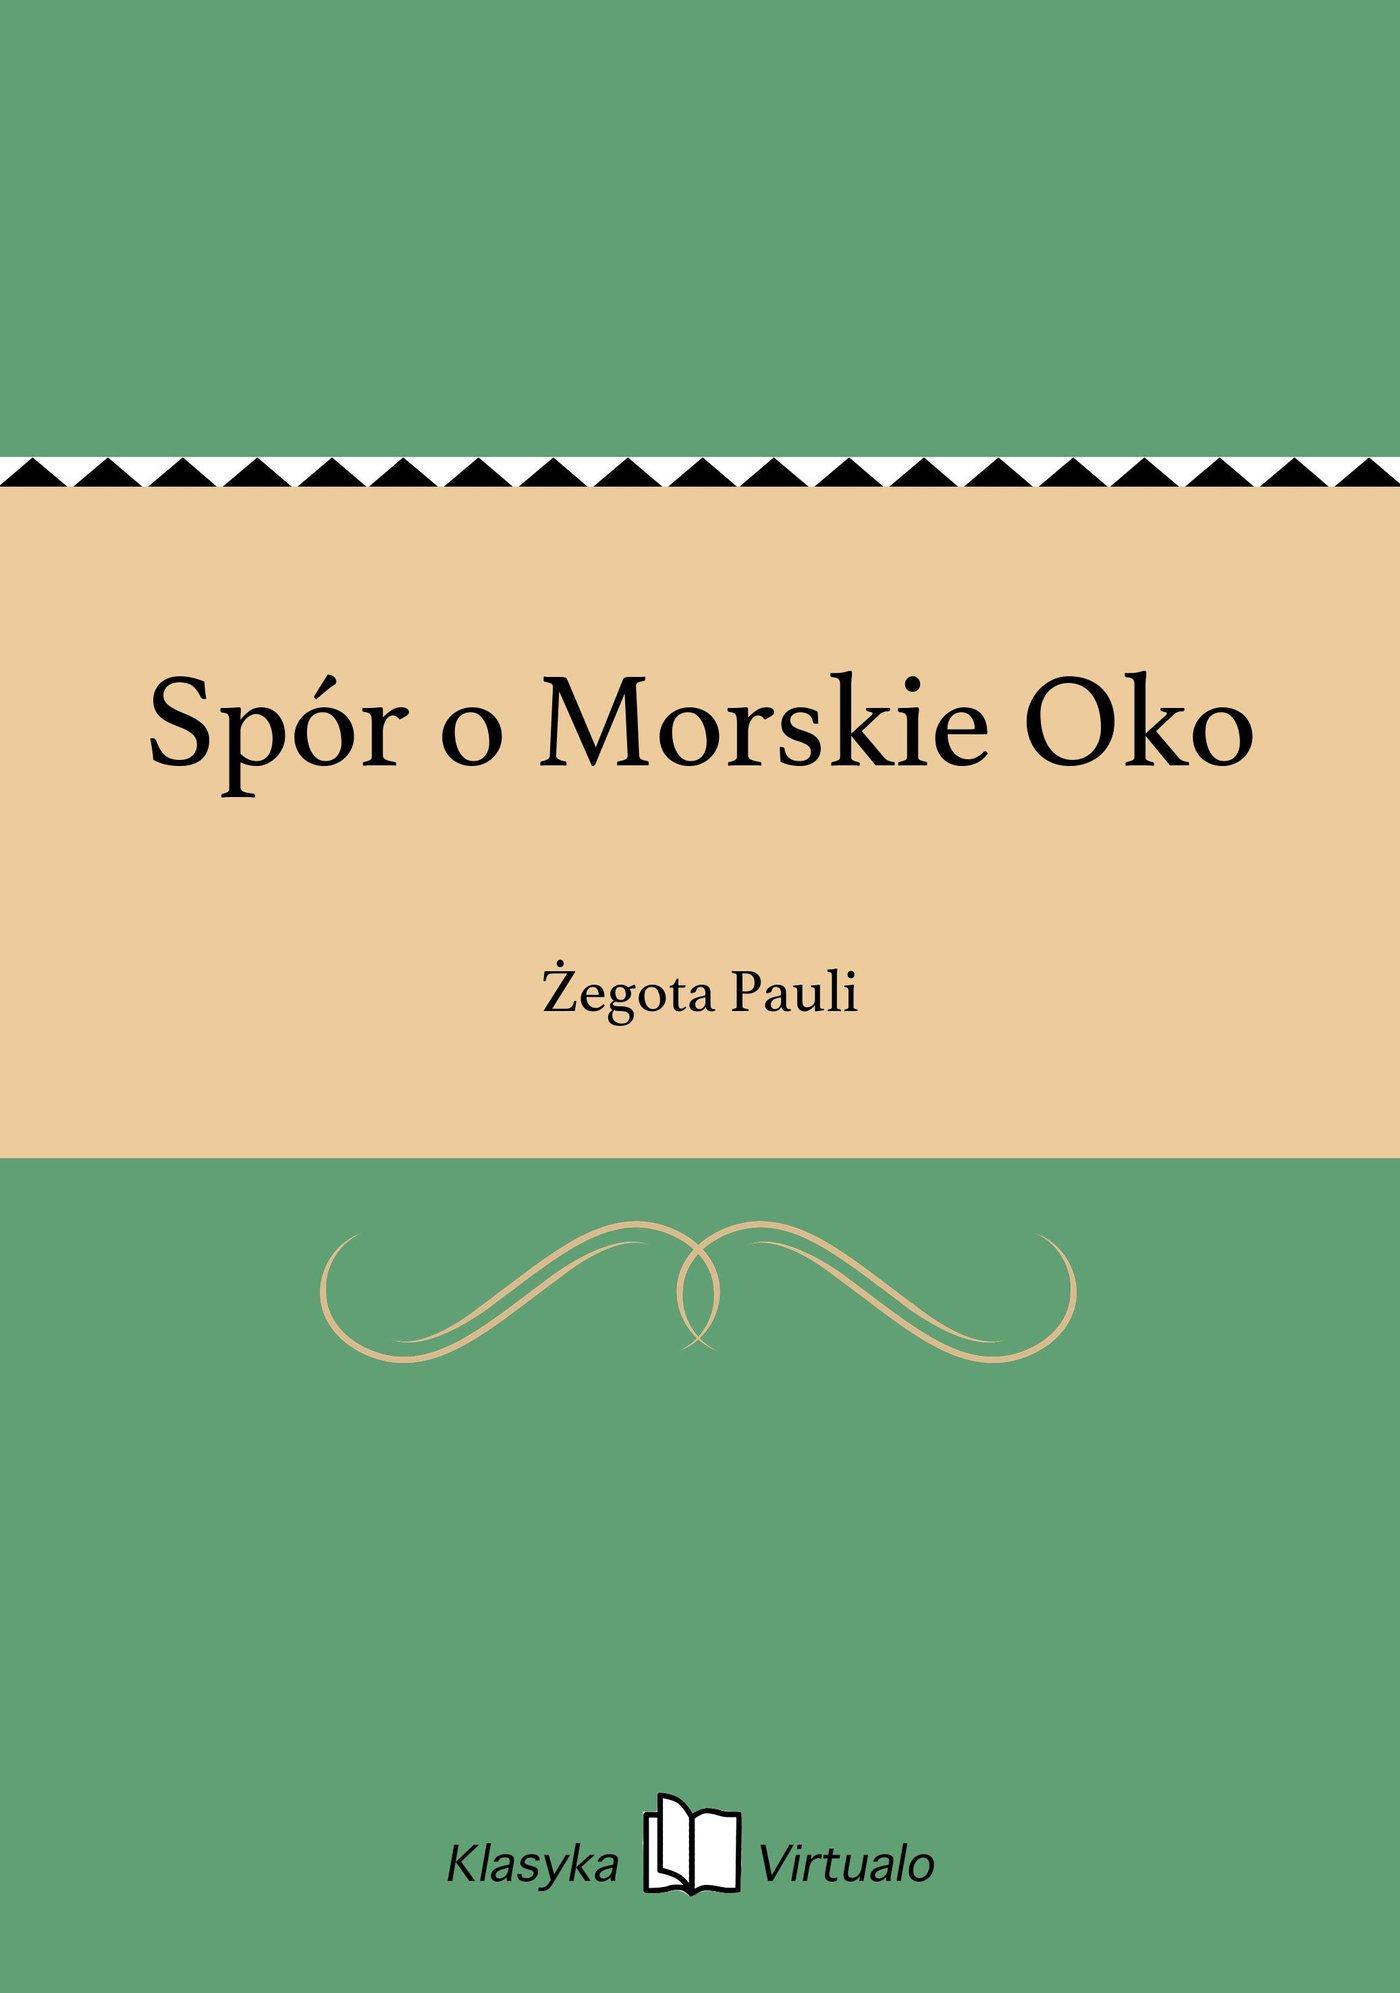 Spór o Morskie Oko - Ebook (Książka na Kindle) do pobrania w formacie MOBI